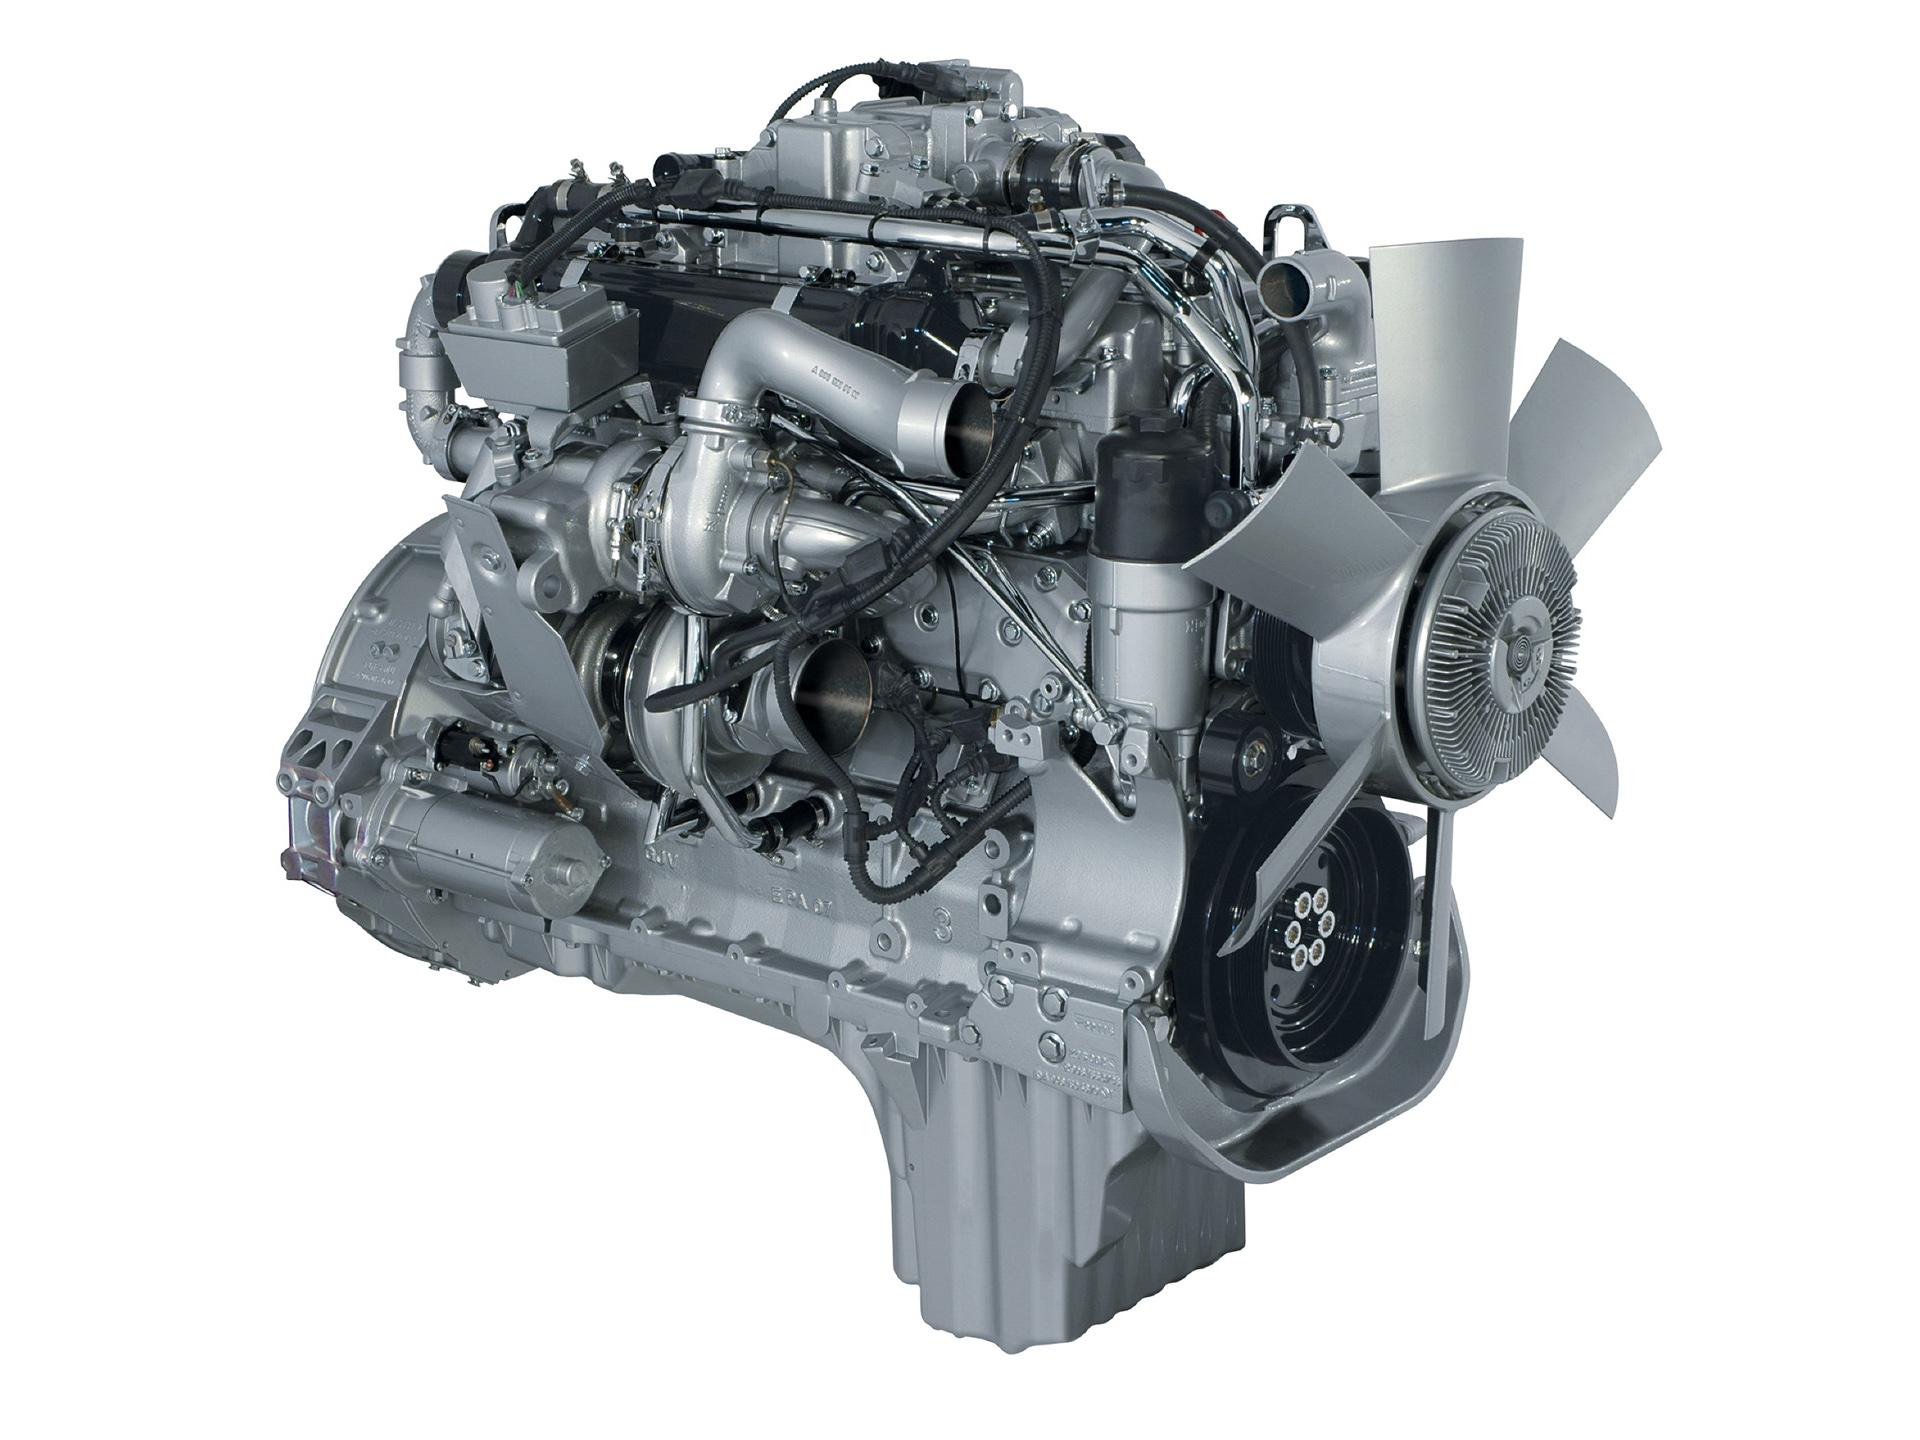 Detroit_Diesel_MBE_900_Engine_pic_66727